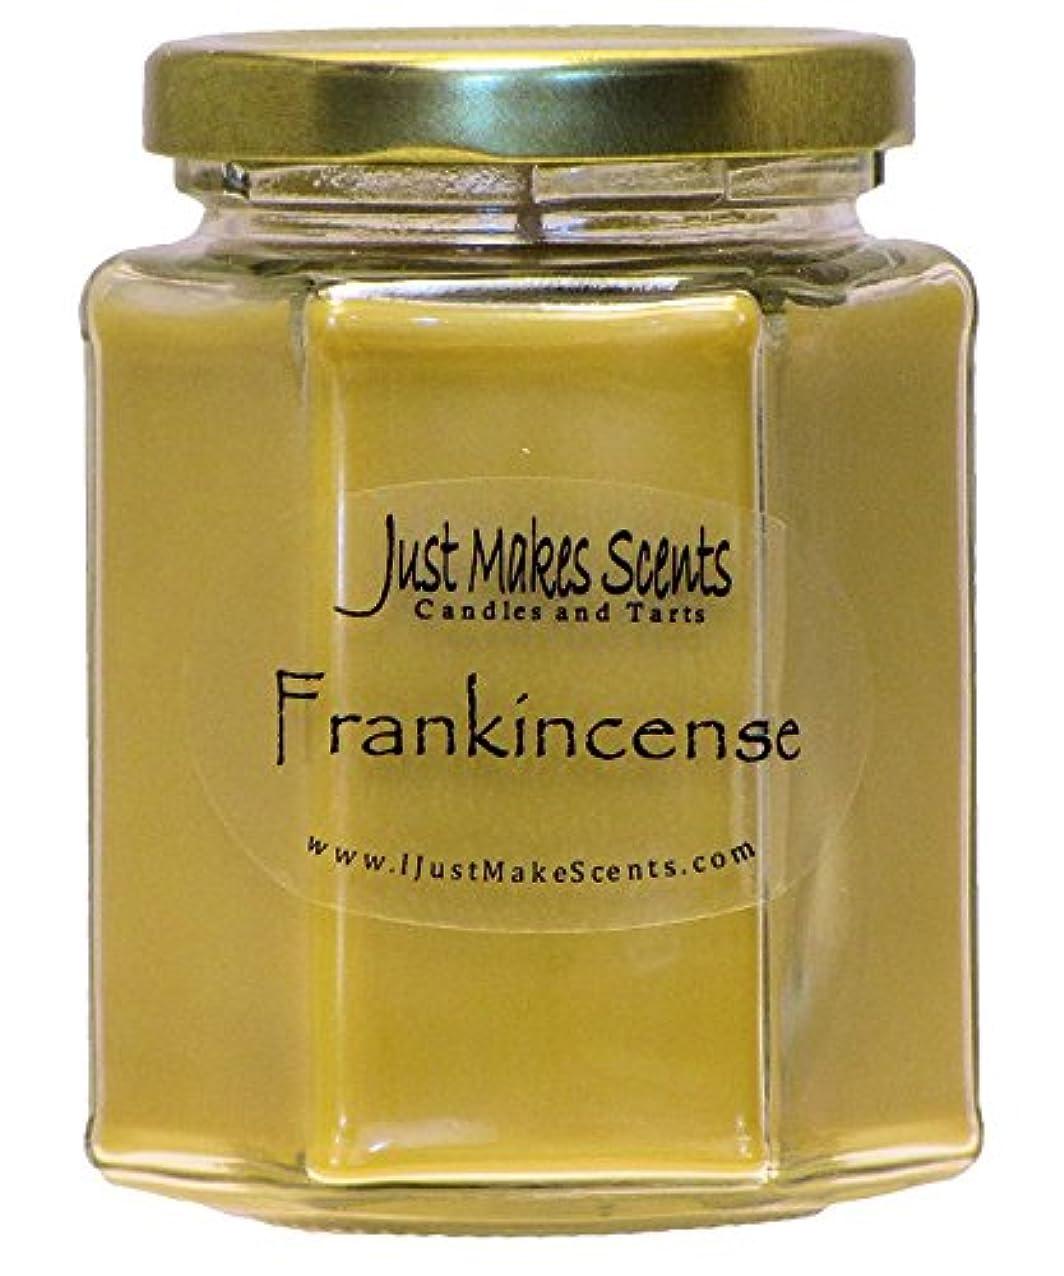 事件、出来事食品バースFrankincense香りつきBlended Soy Candle by Just Makes Scents